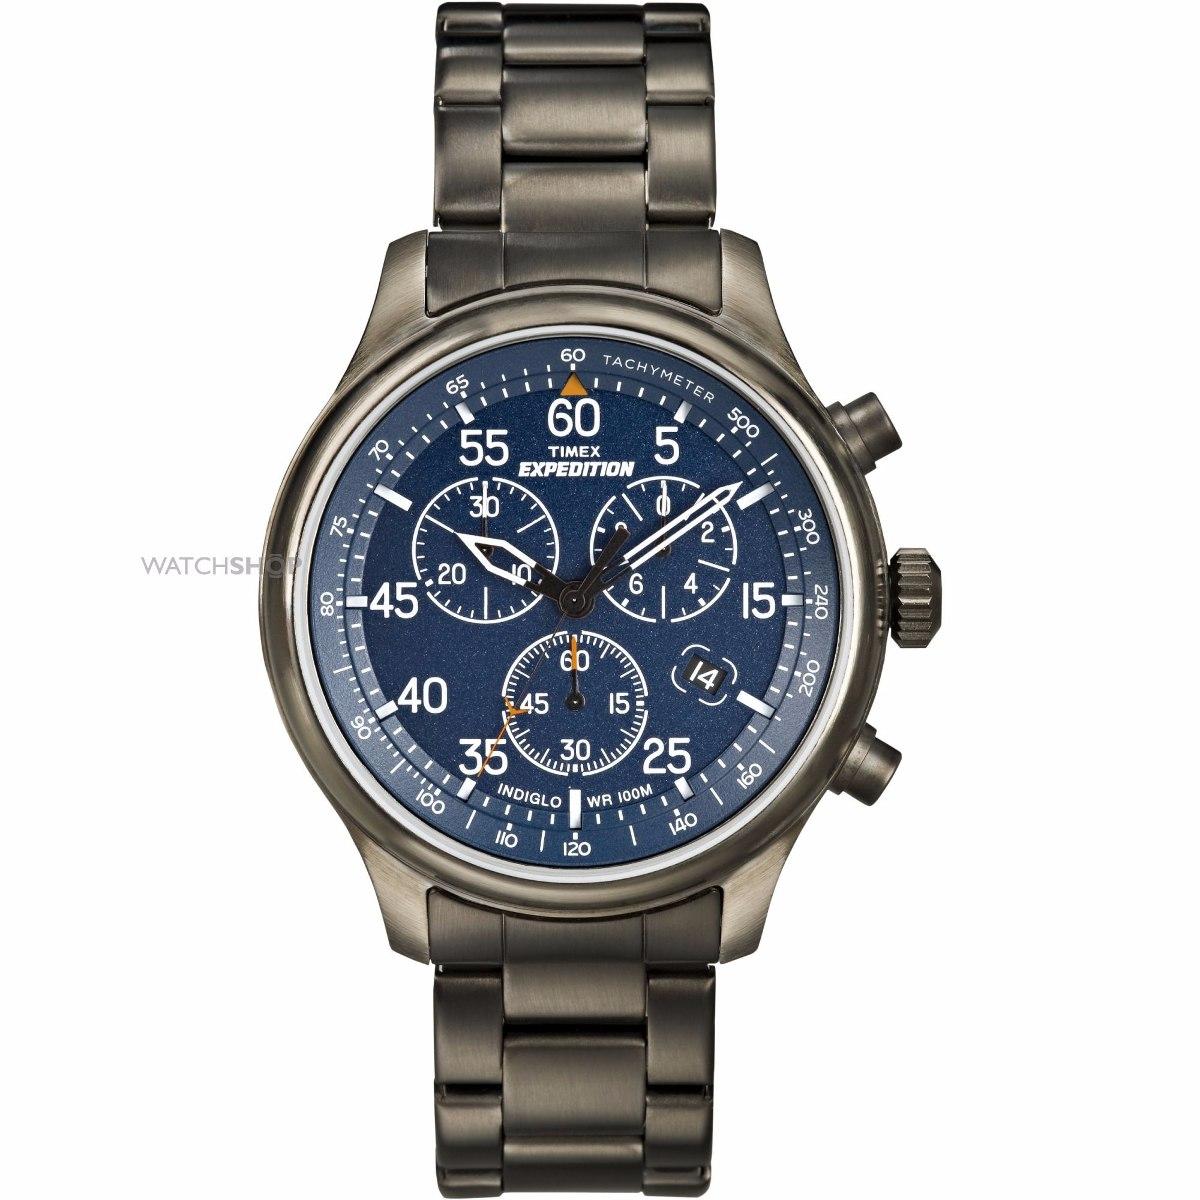 af02cf5b8875 reloj timex expedition t49939 luz indiglo tiempo exacto. Cargando zoom.